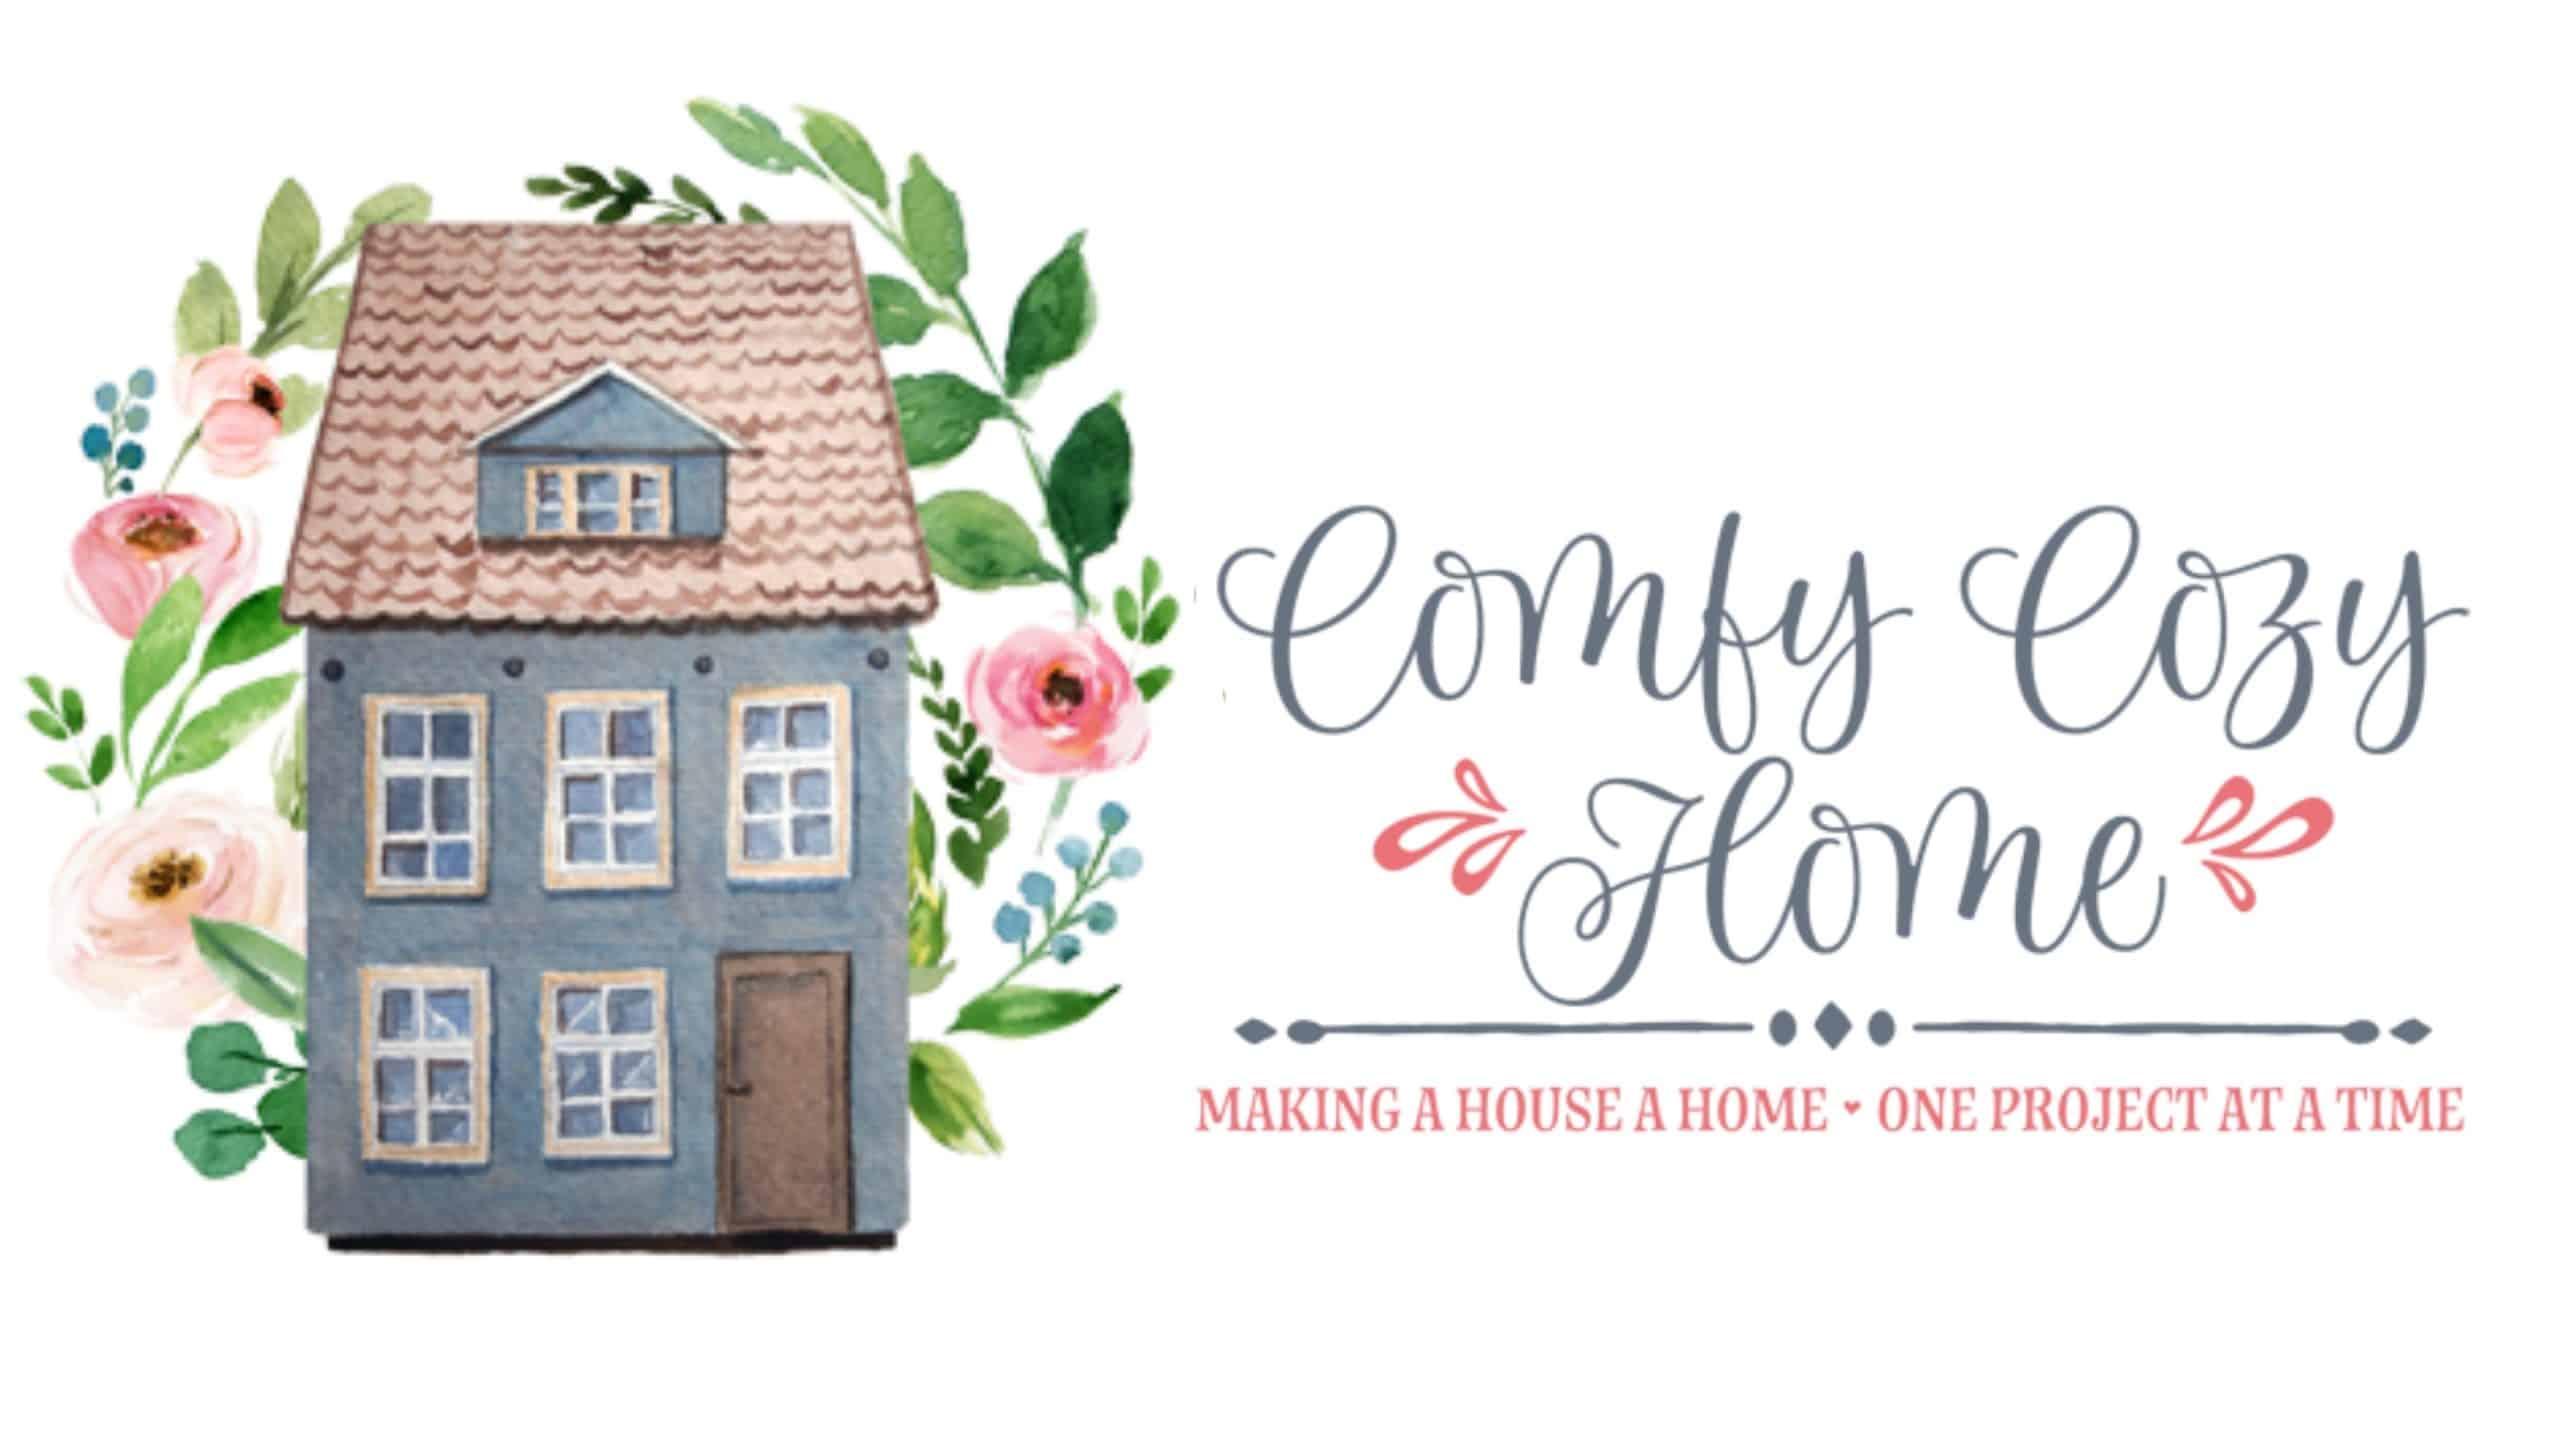 Comfy Cozy Home